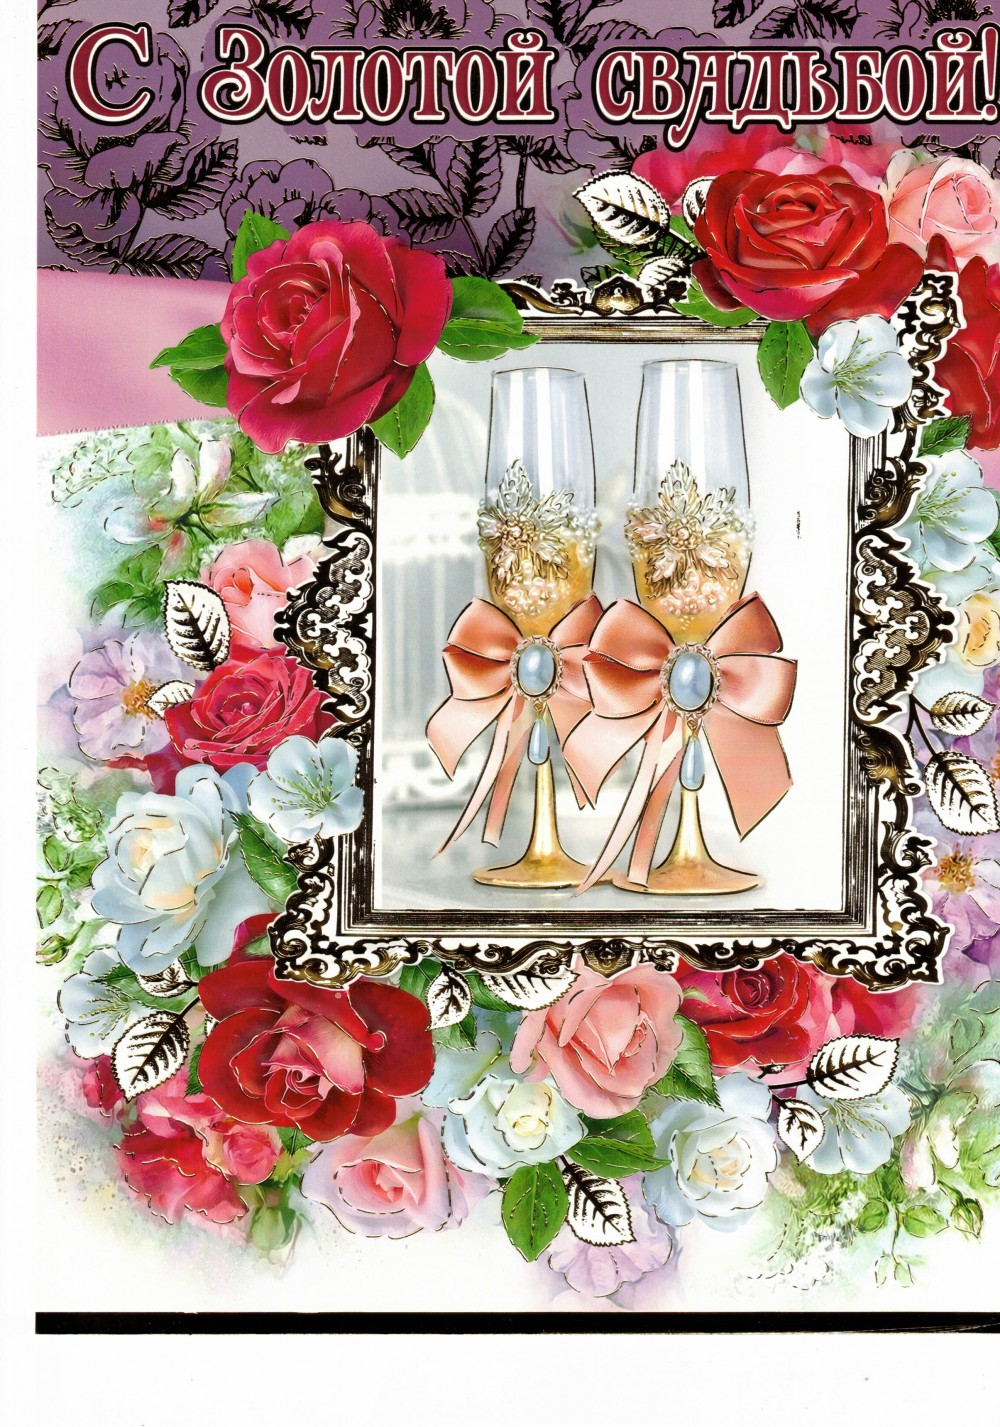 Поздравления с золотой свадьбой открытки мерцающие, мужчине день